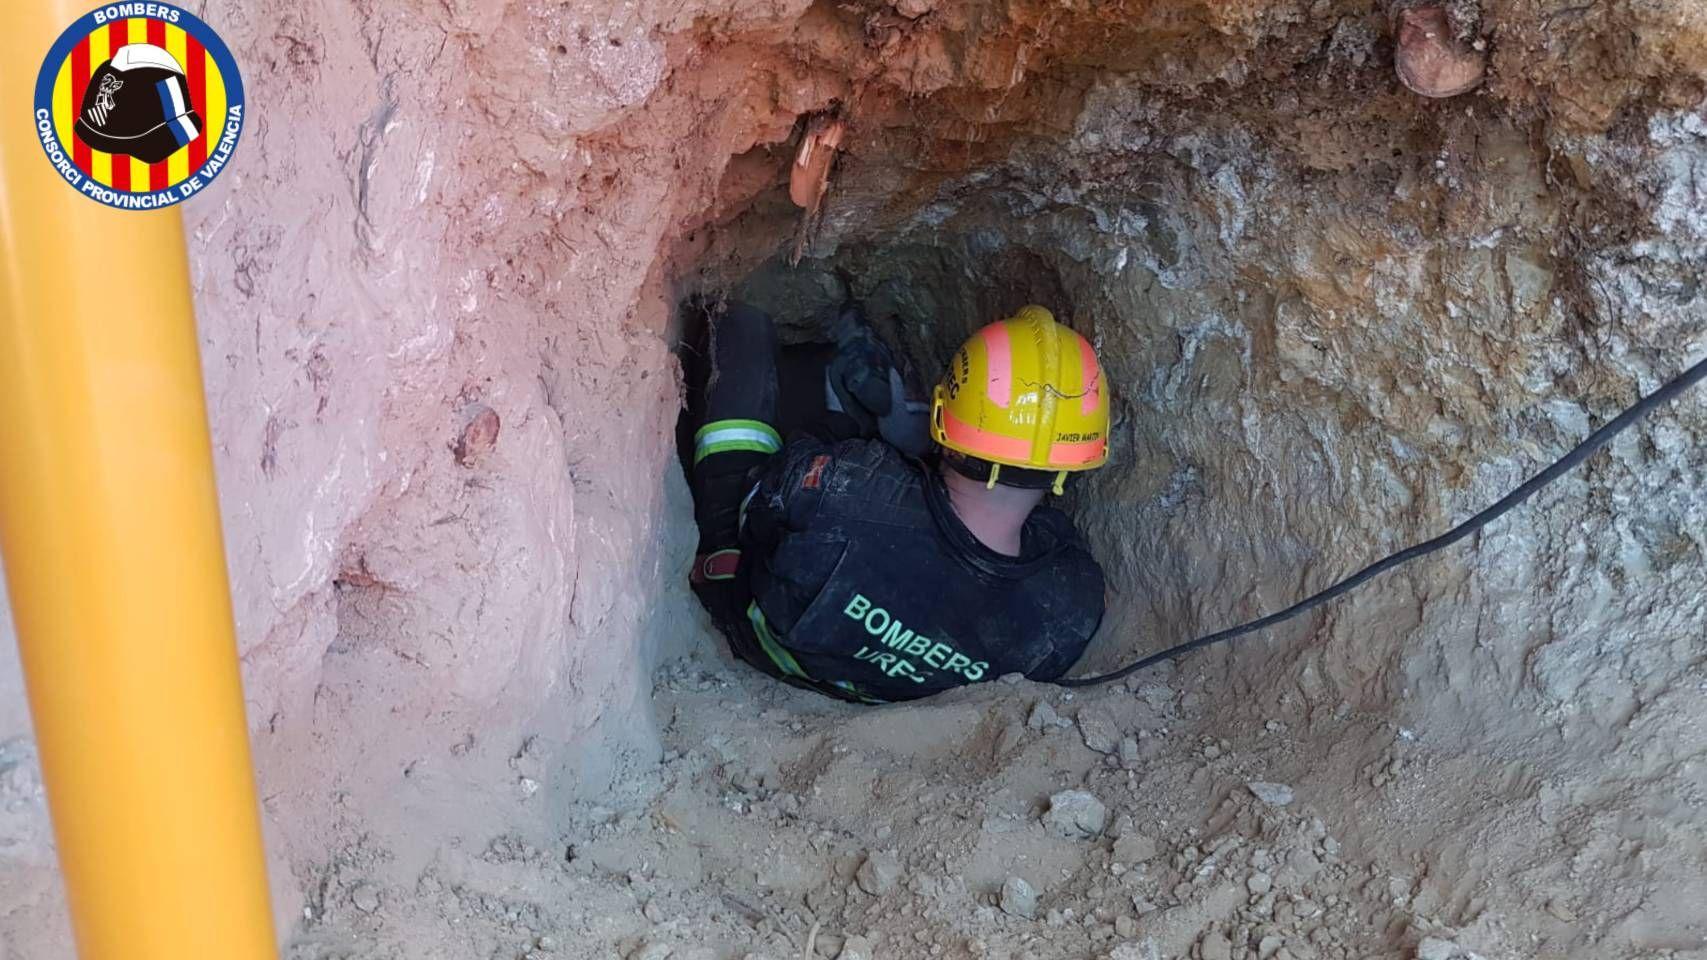 Los bomberos cavan un túnel para rescatar a una perrita atrapada durante horas en una madriguera